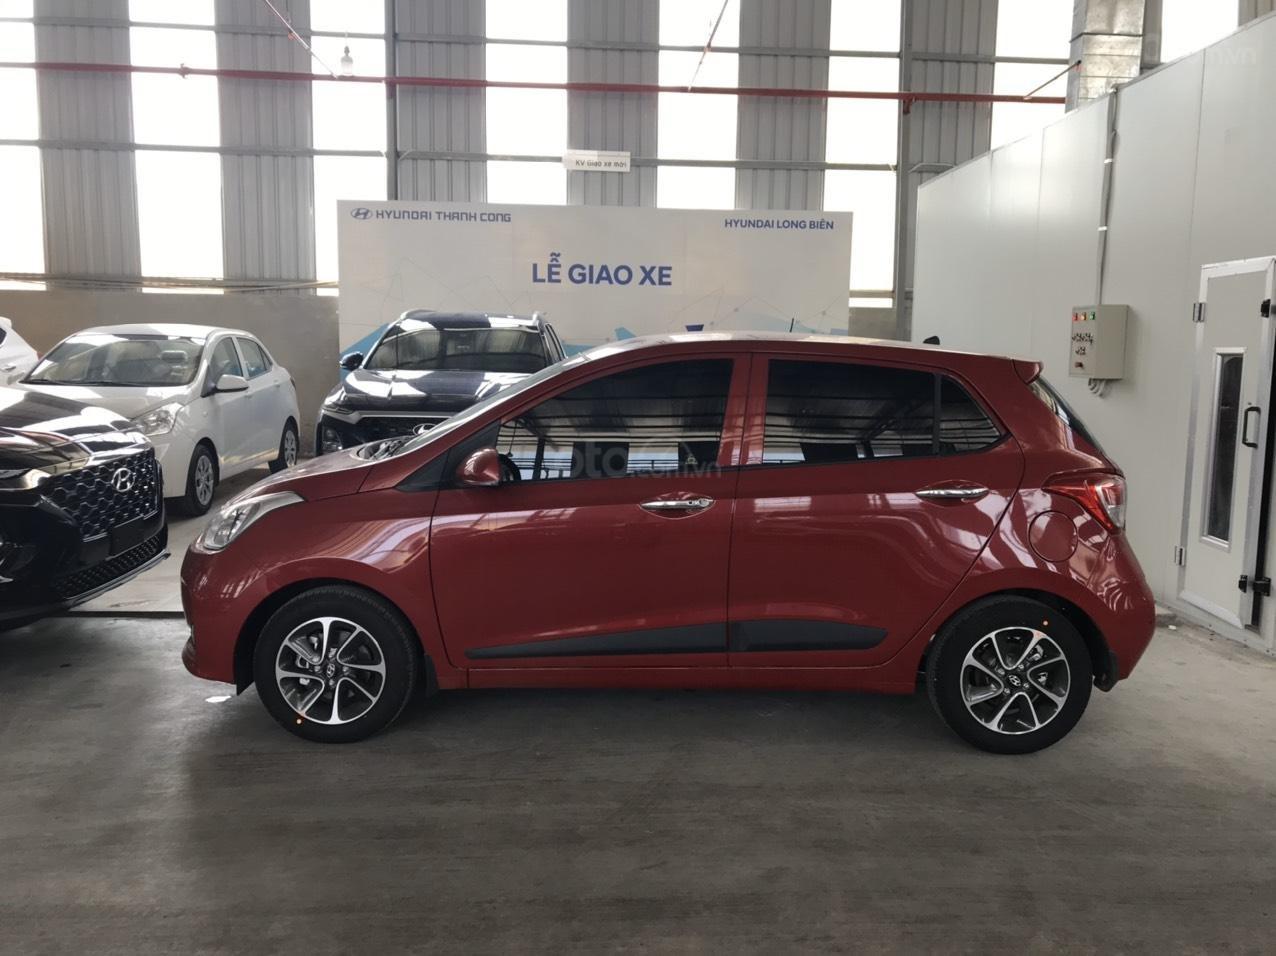 Cần bán Hyundai Grand i10 đời 2020, màu đỏ, xe mới 100%, sx trong nước, hỗ trợ trả góp tới 80% (4)